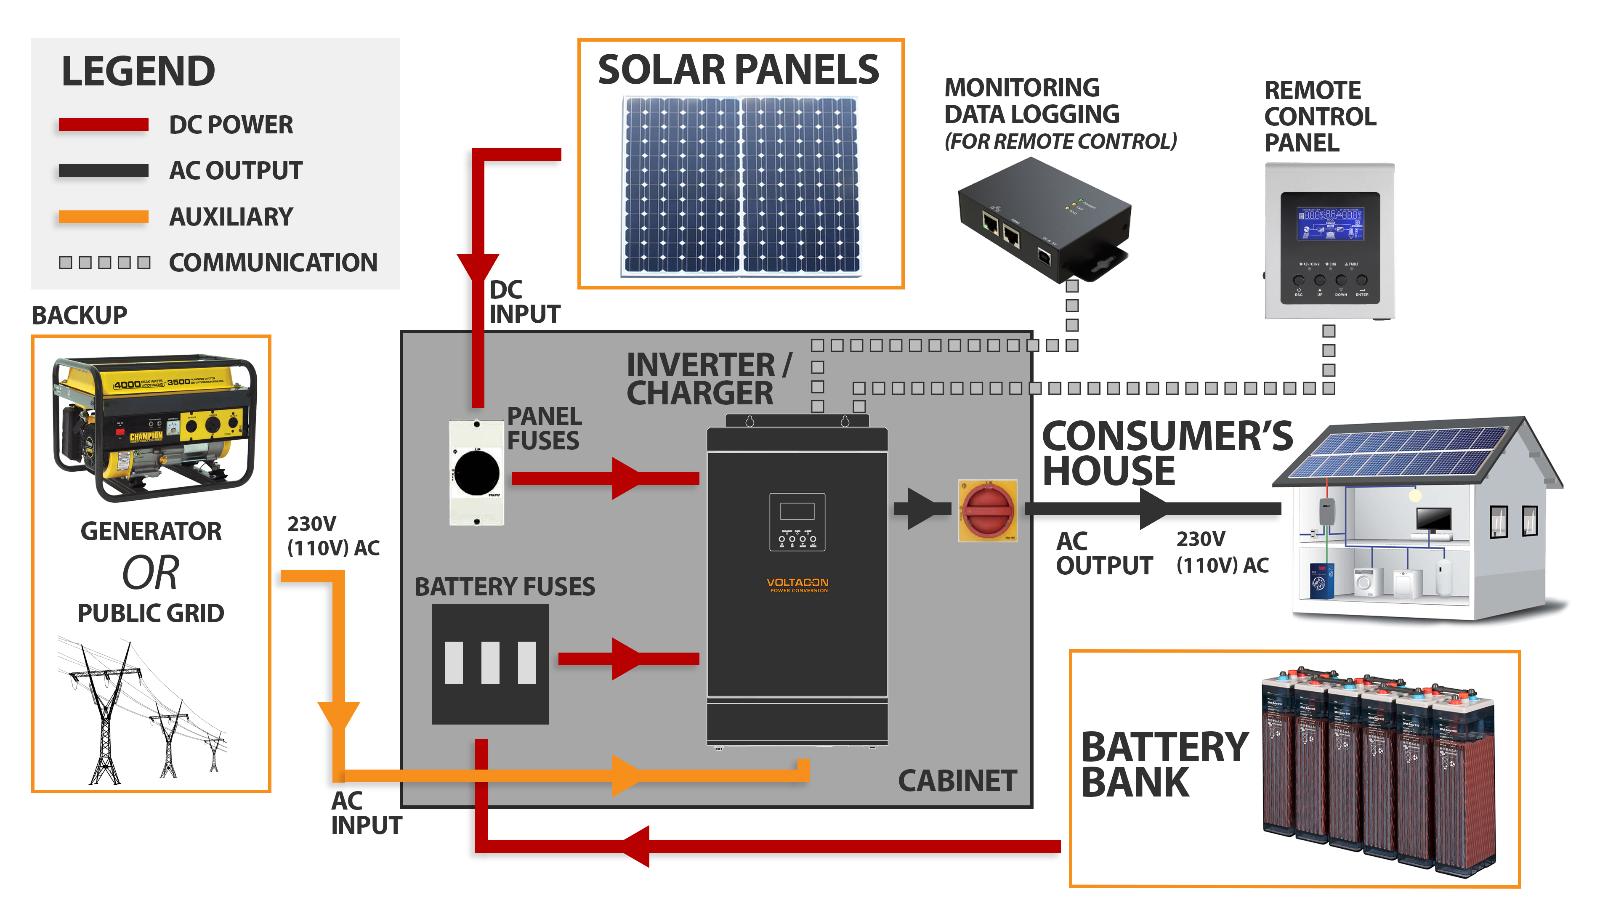 details about 5000w solar off grid system agm batteries 48v 230v 110v solar panels diagram [ 1600 x 916 Pixel ]